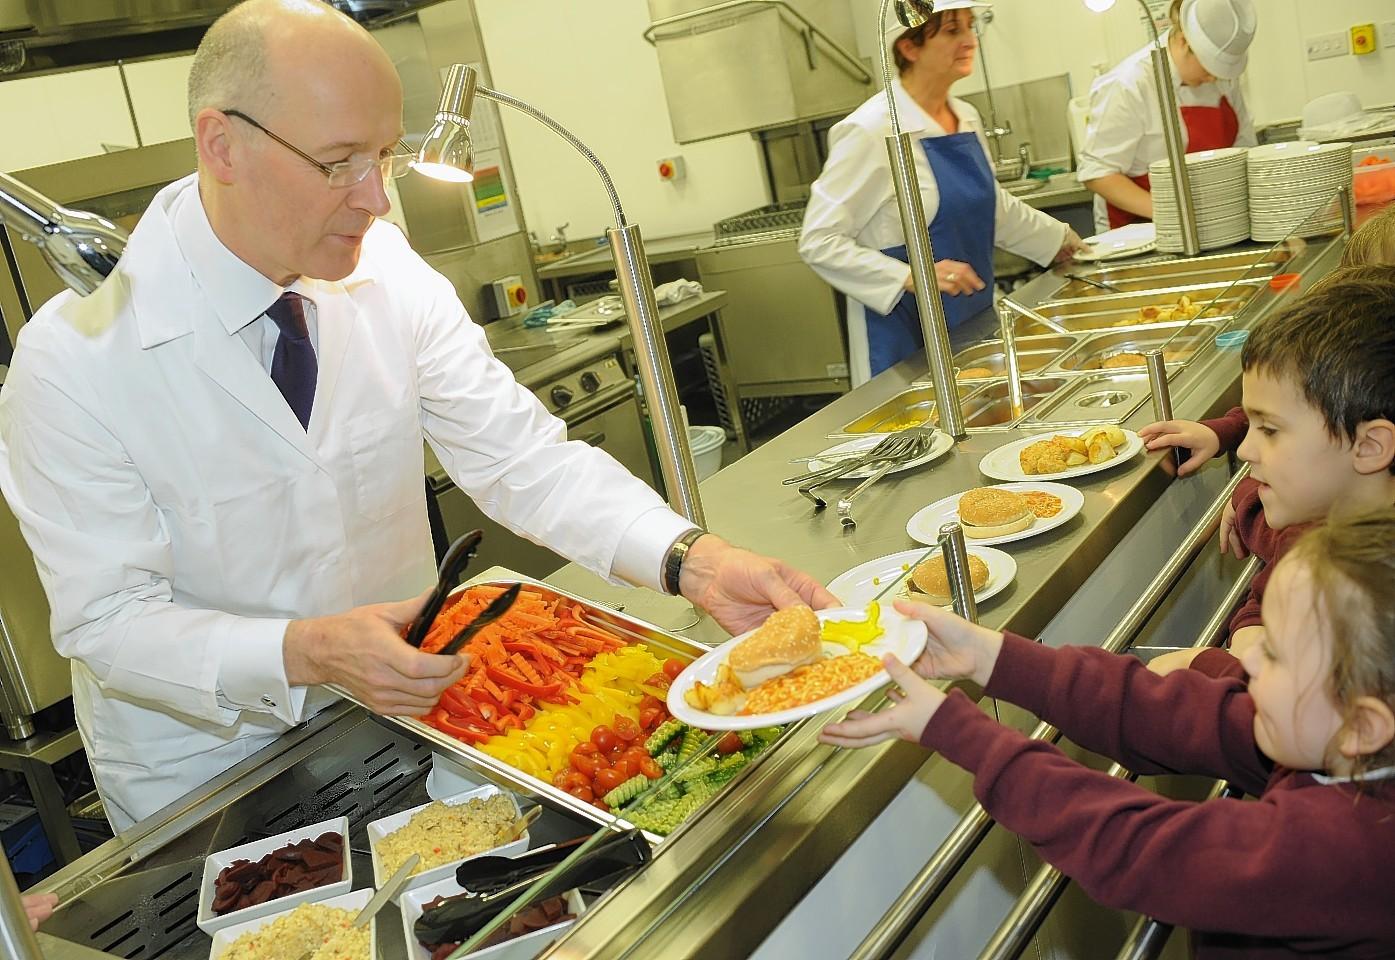 John Swinney serves up lunch